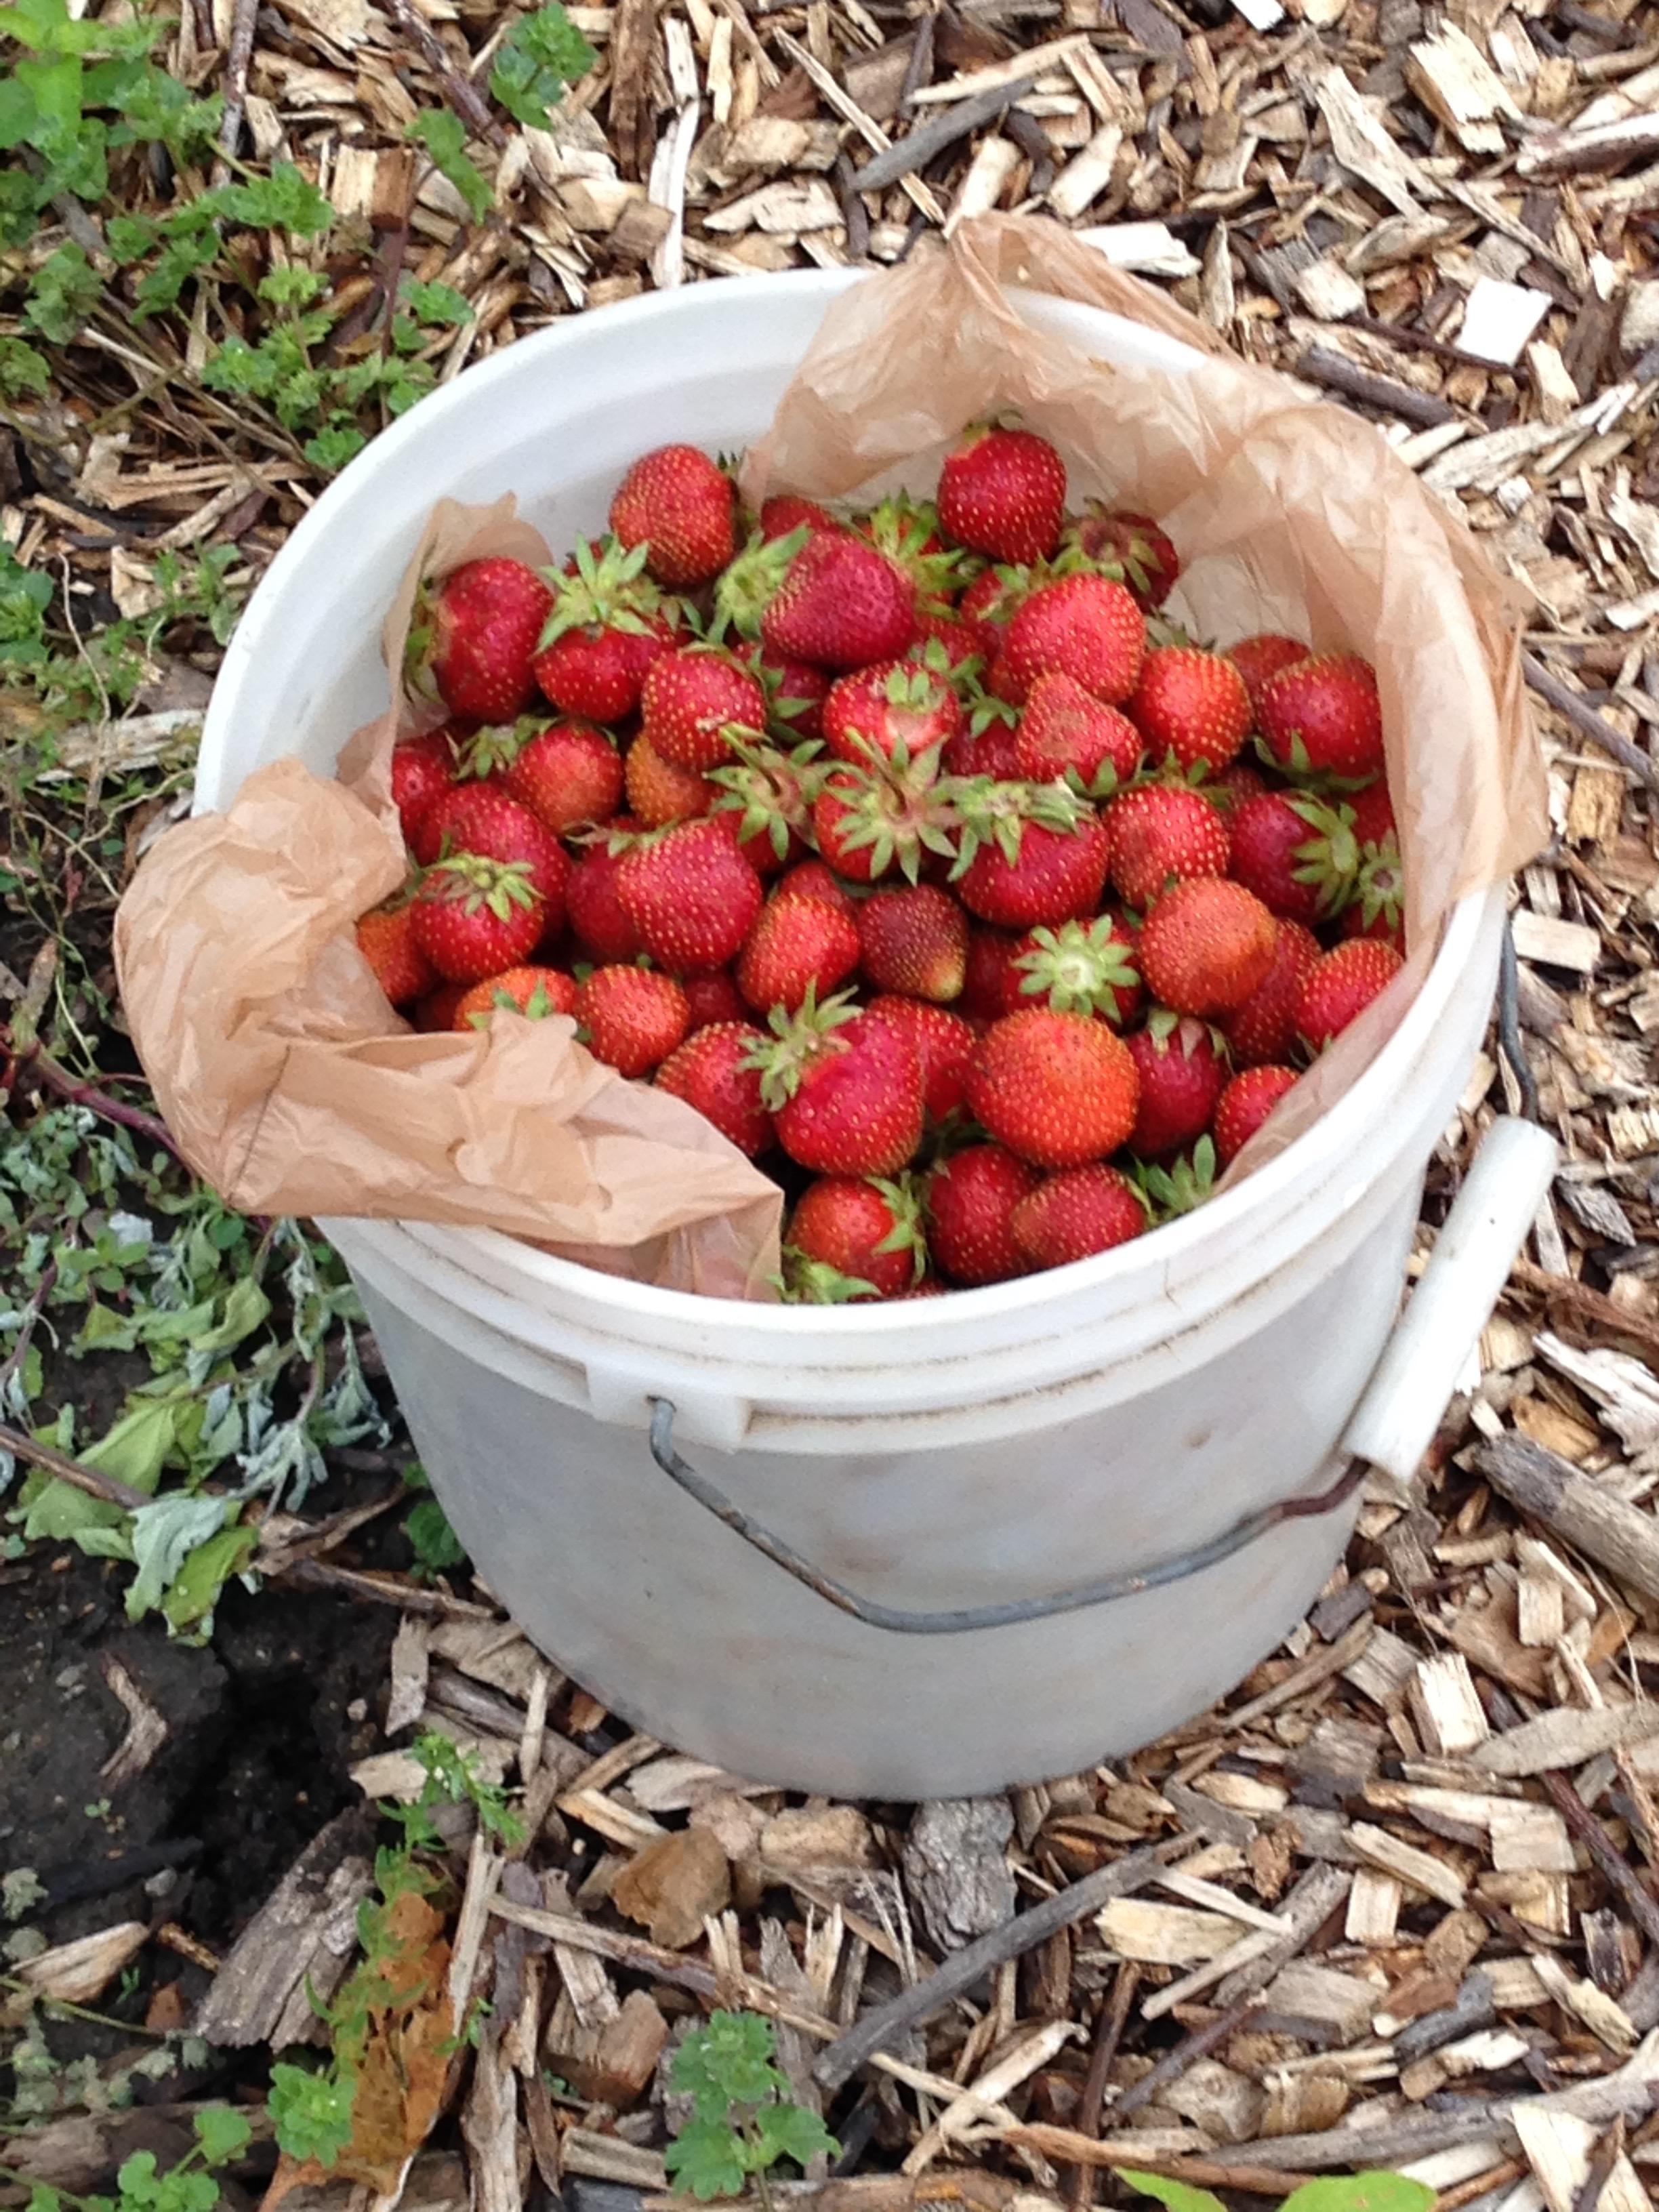 strawberries to food pantry.jpg